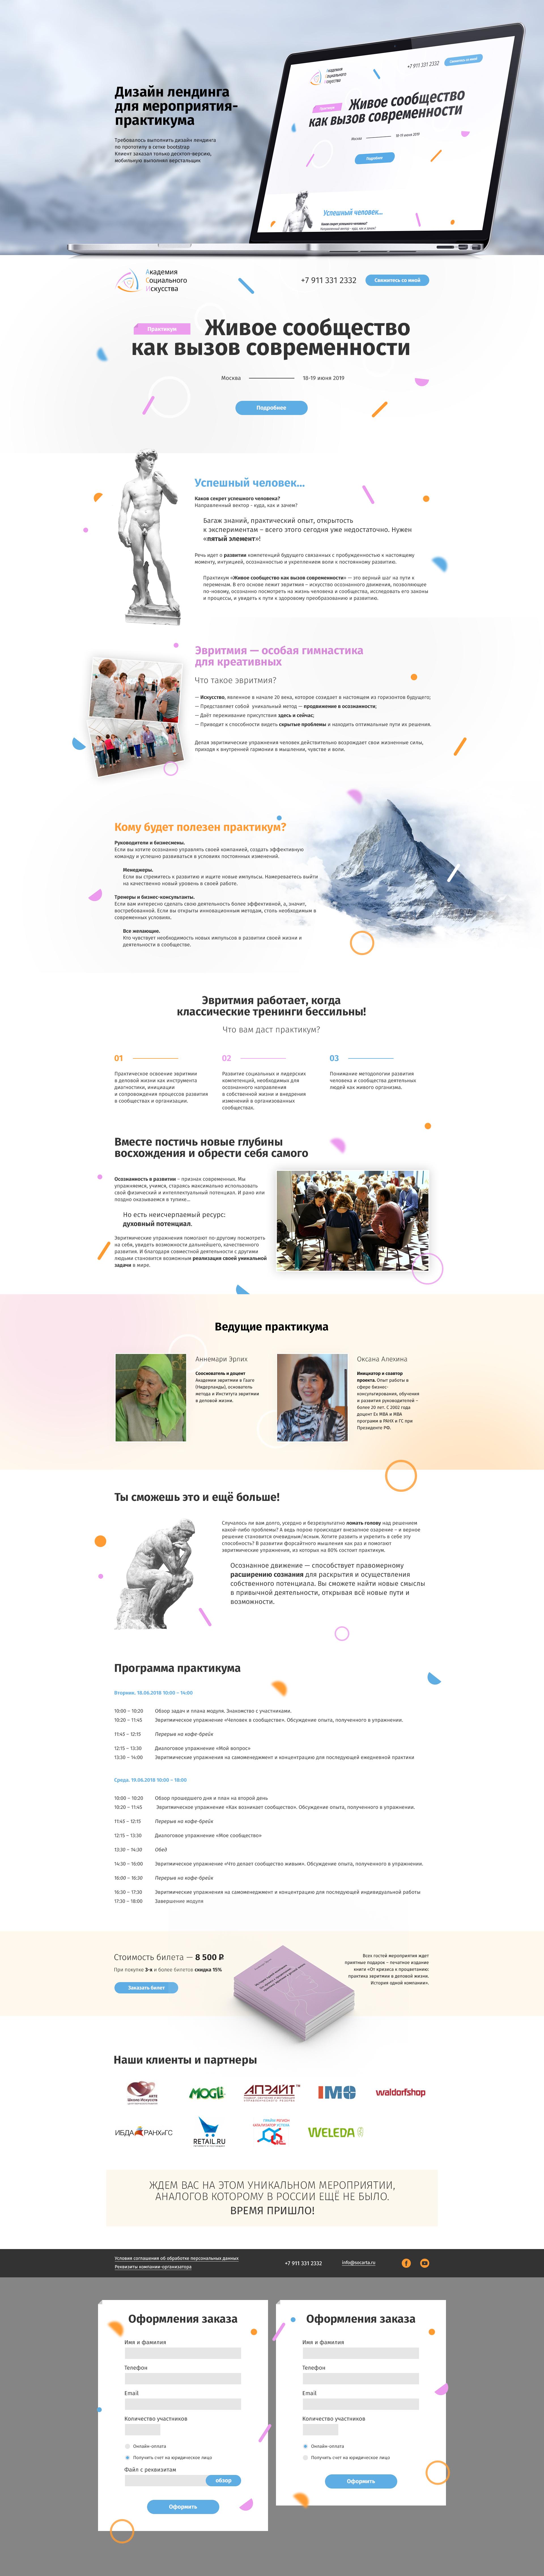 Академия социального исскуства